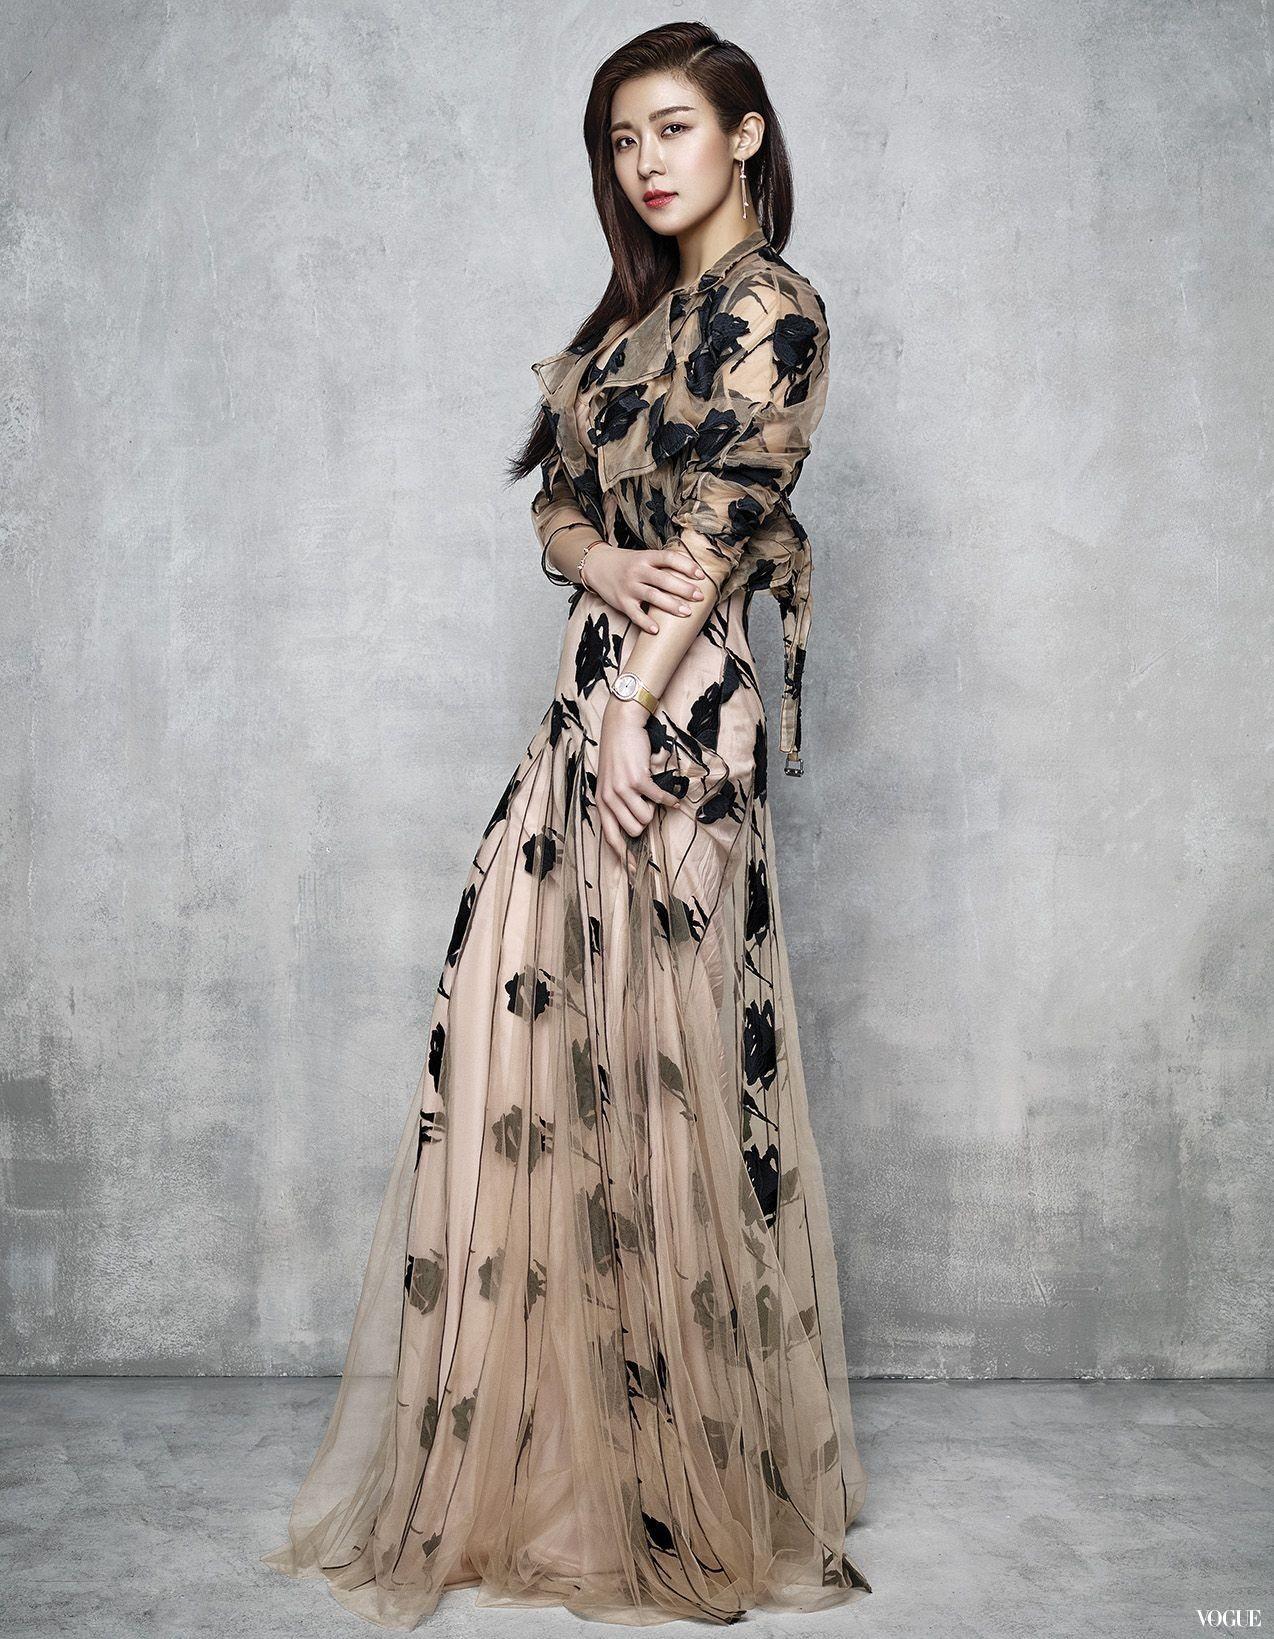 южнокорейские актрисы платье фото очень нравится